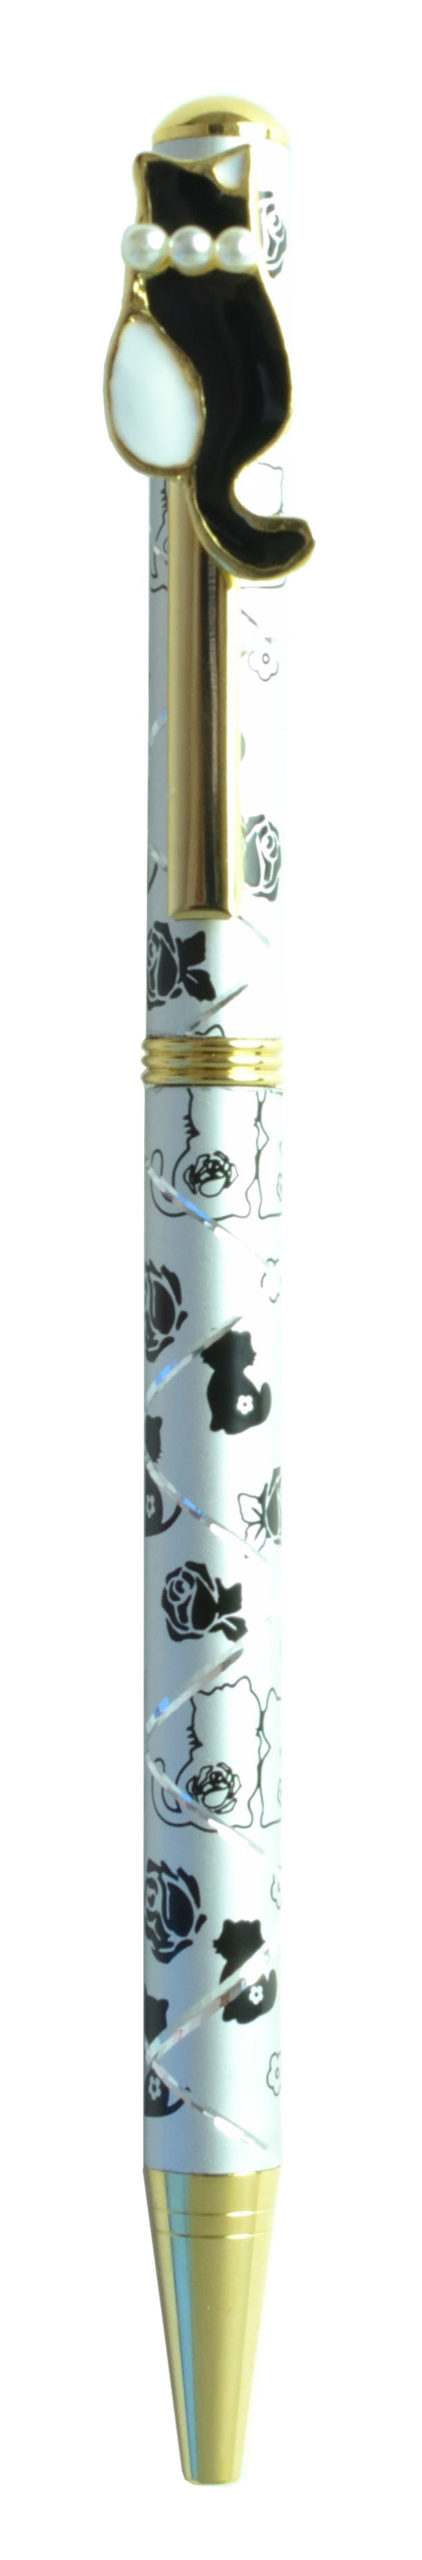 パール付きボールペン ネコ4 シルバー <br>No.65410